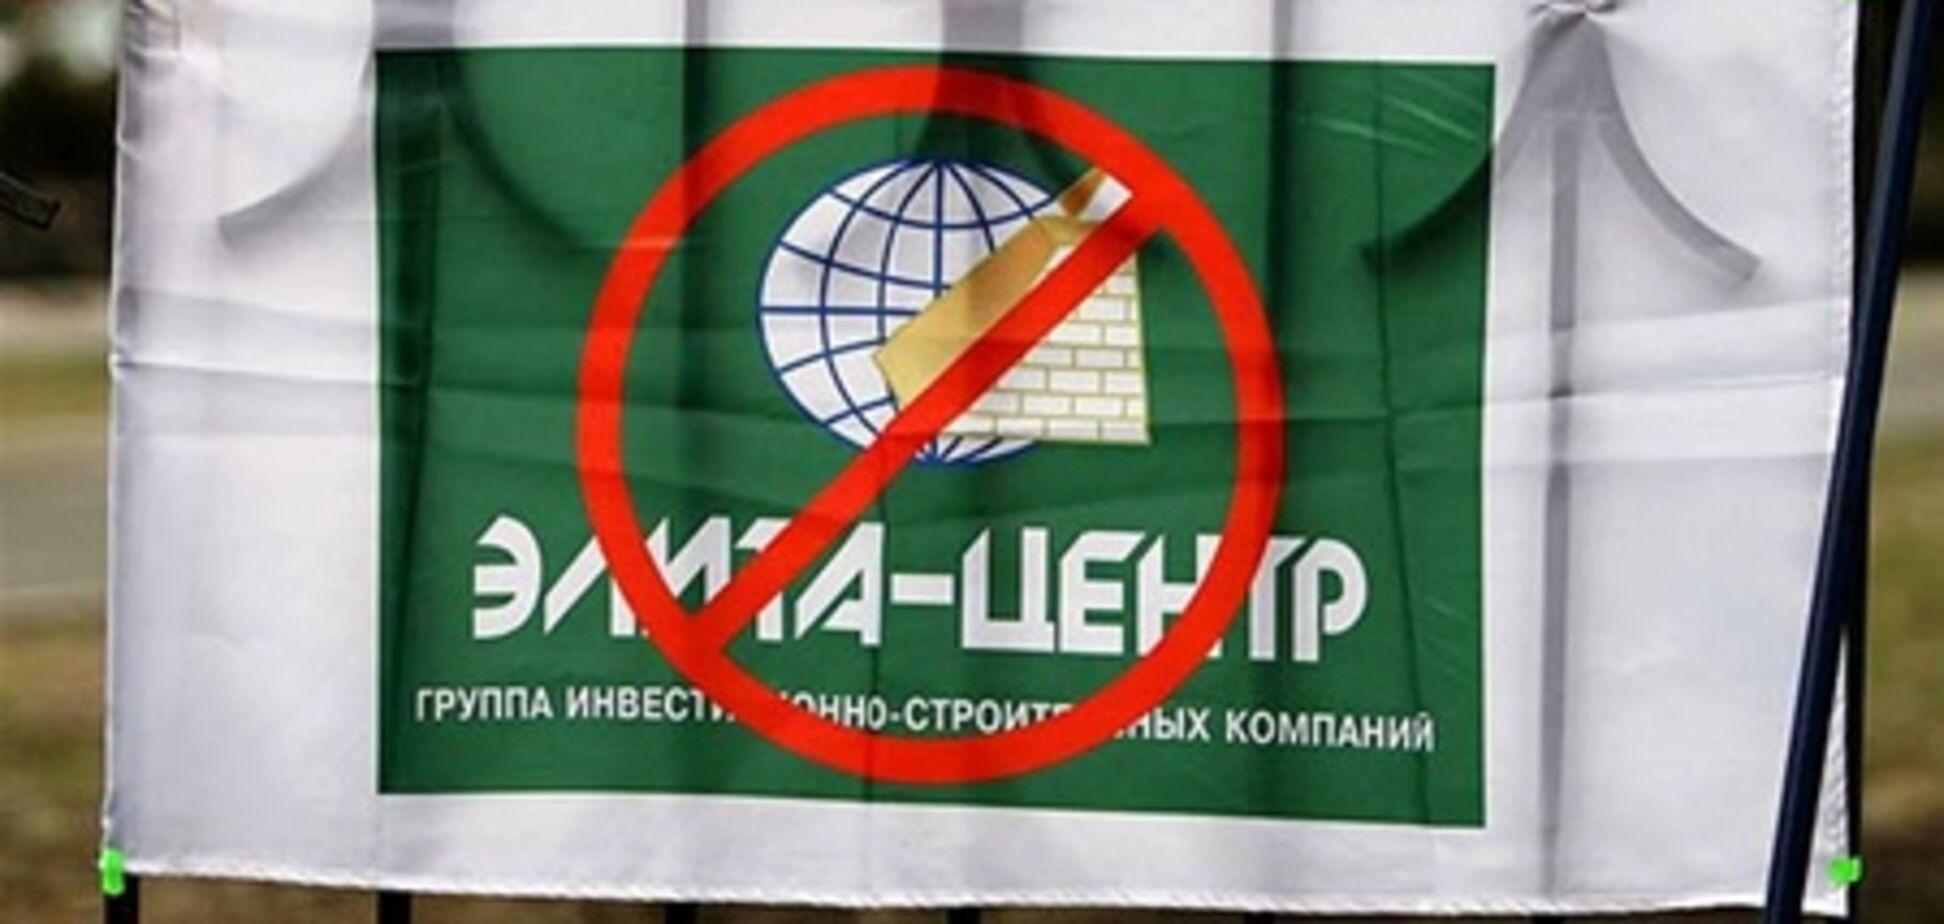 В Киеве обнаружили 40 афер в стиле 'Элита-центра'